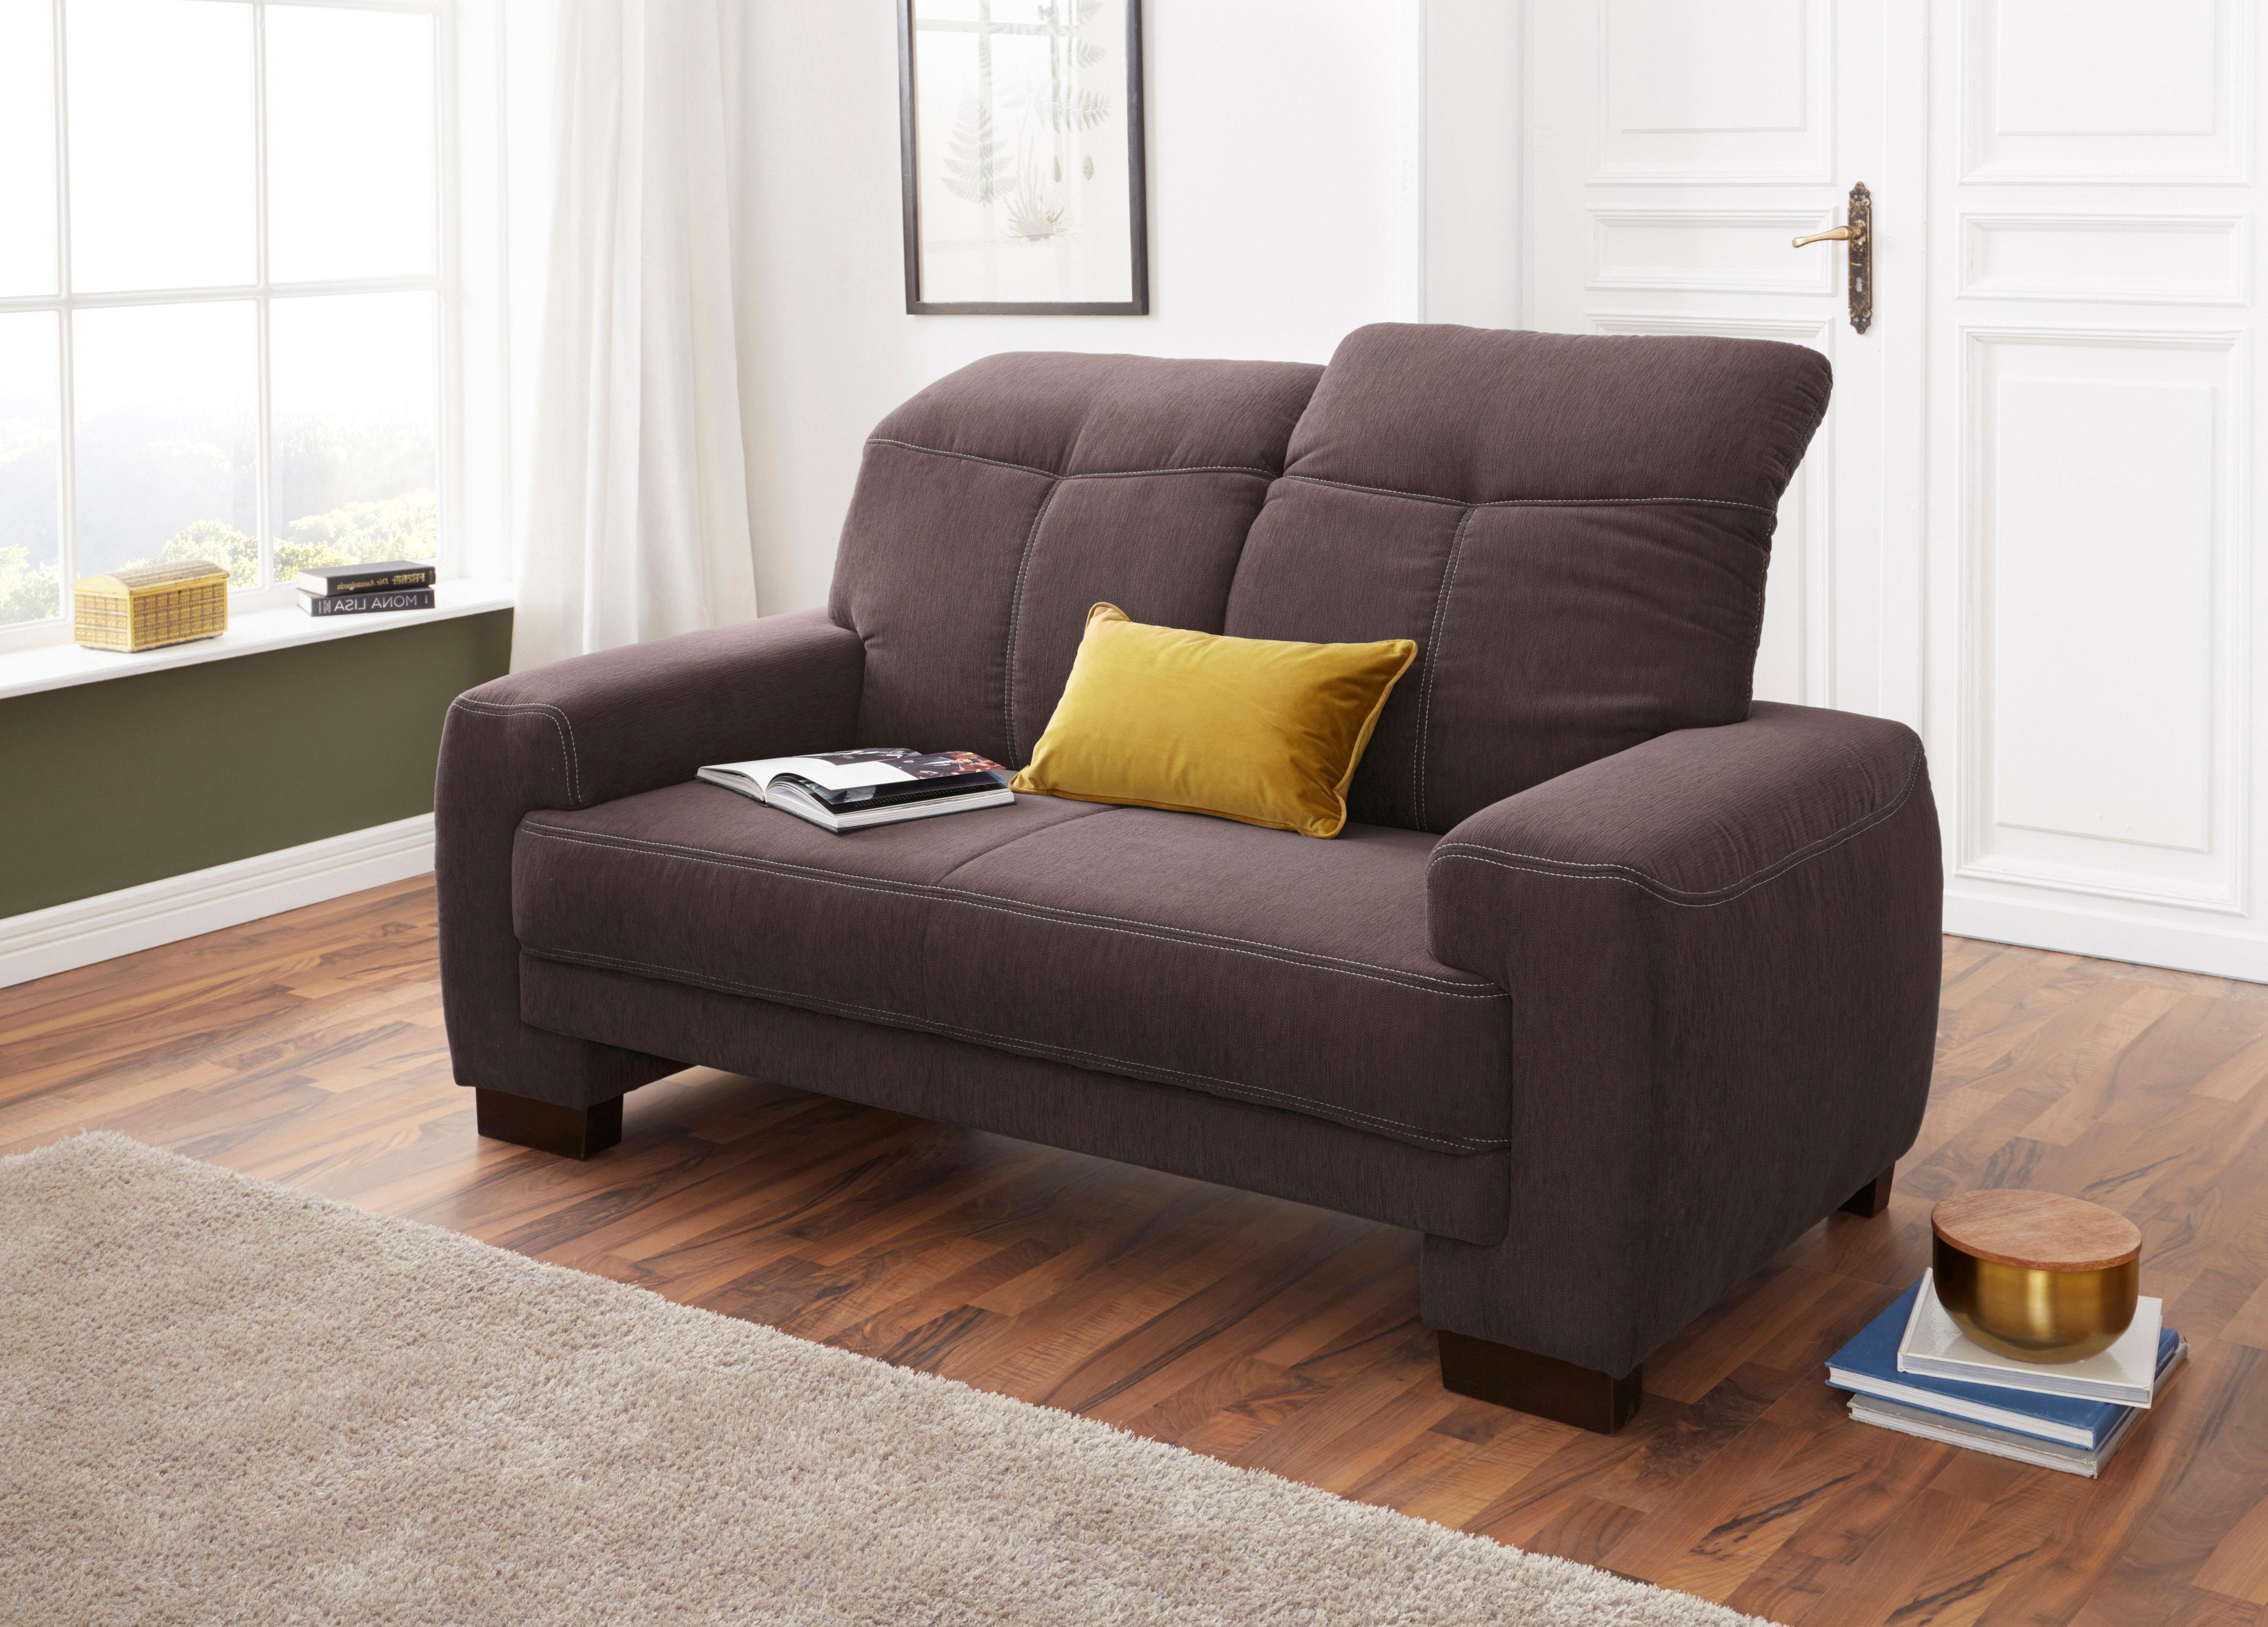 2-Sitzer mit Rückenfunktion und Federkern | Wohnzimmer > Sofas & Couches > Wohnlandschaften | Geprägte - Microfaser - Chenille